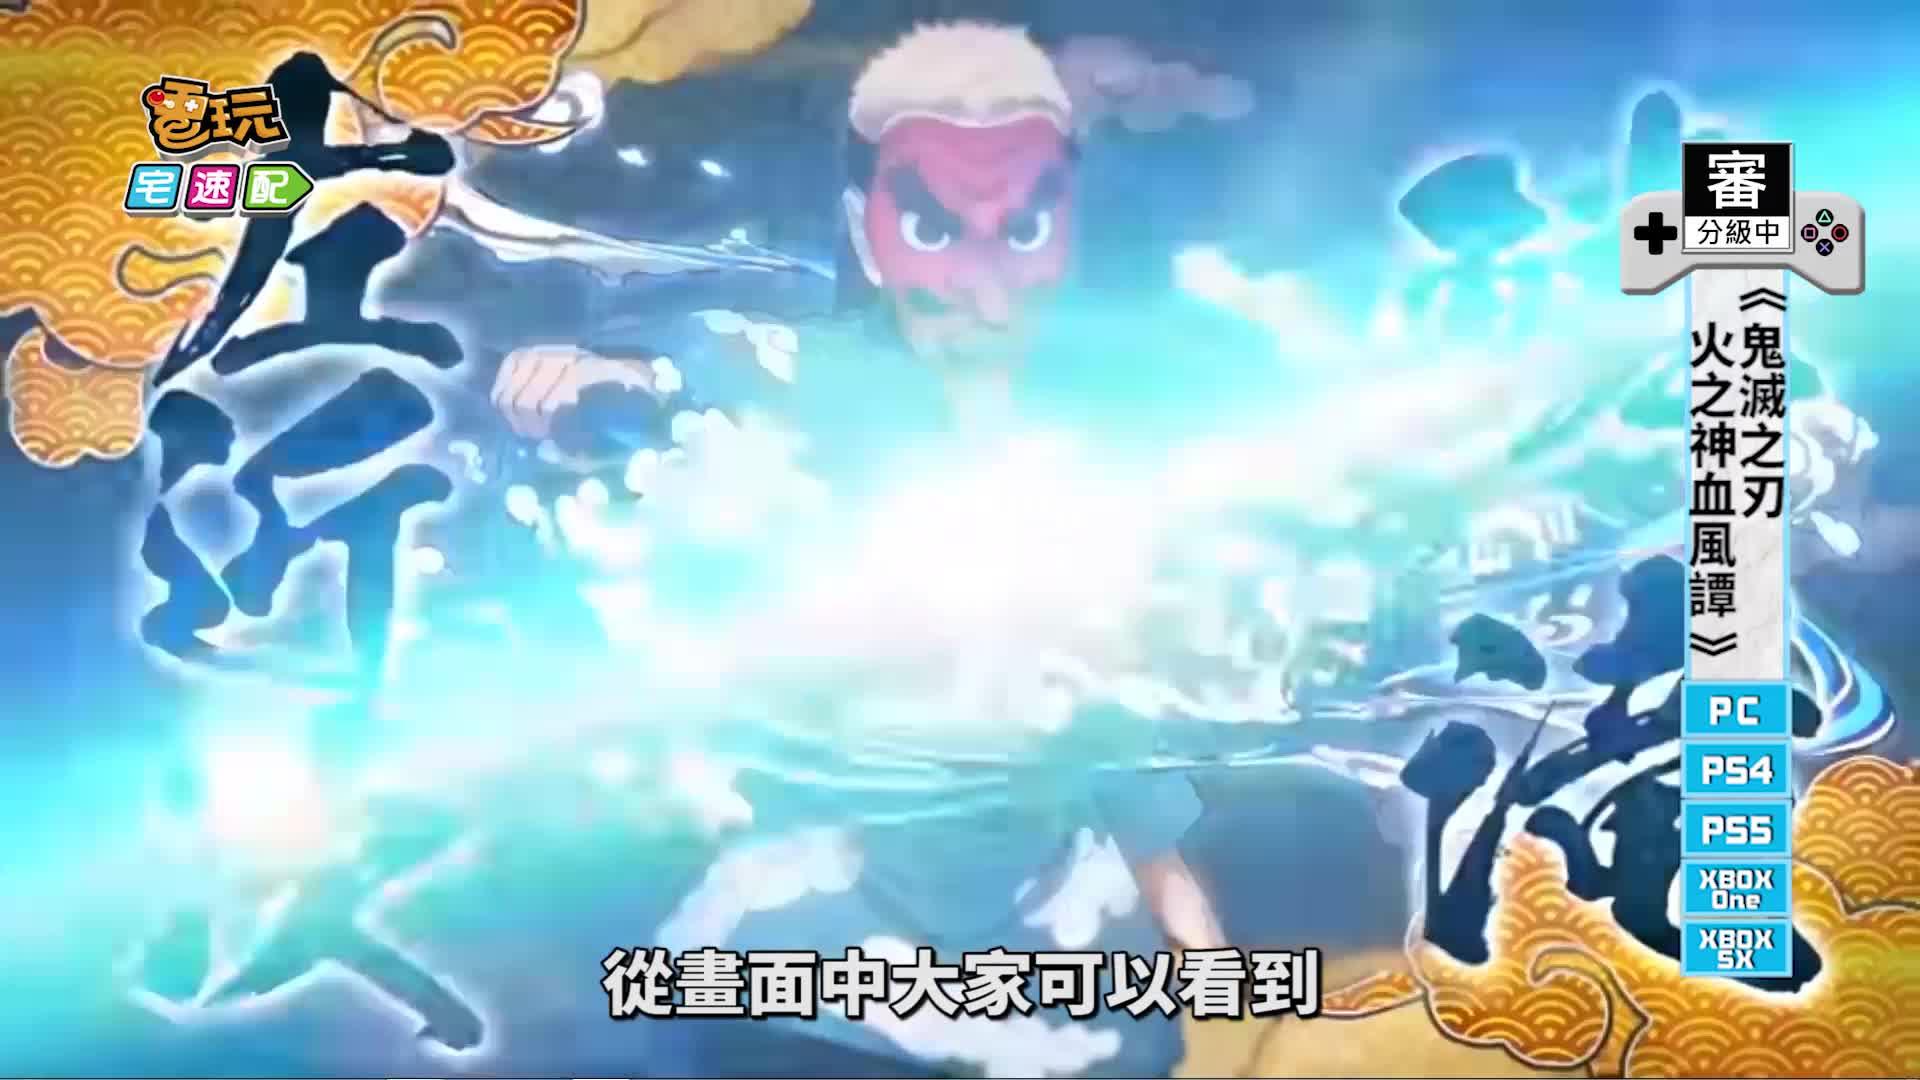 《鬼滅之刃 火之神血風譚》最新角色釋出!這次竟然是「師傅」!